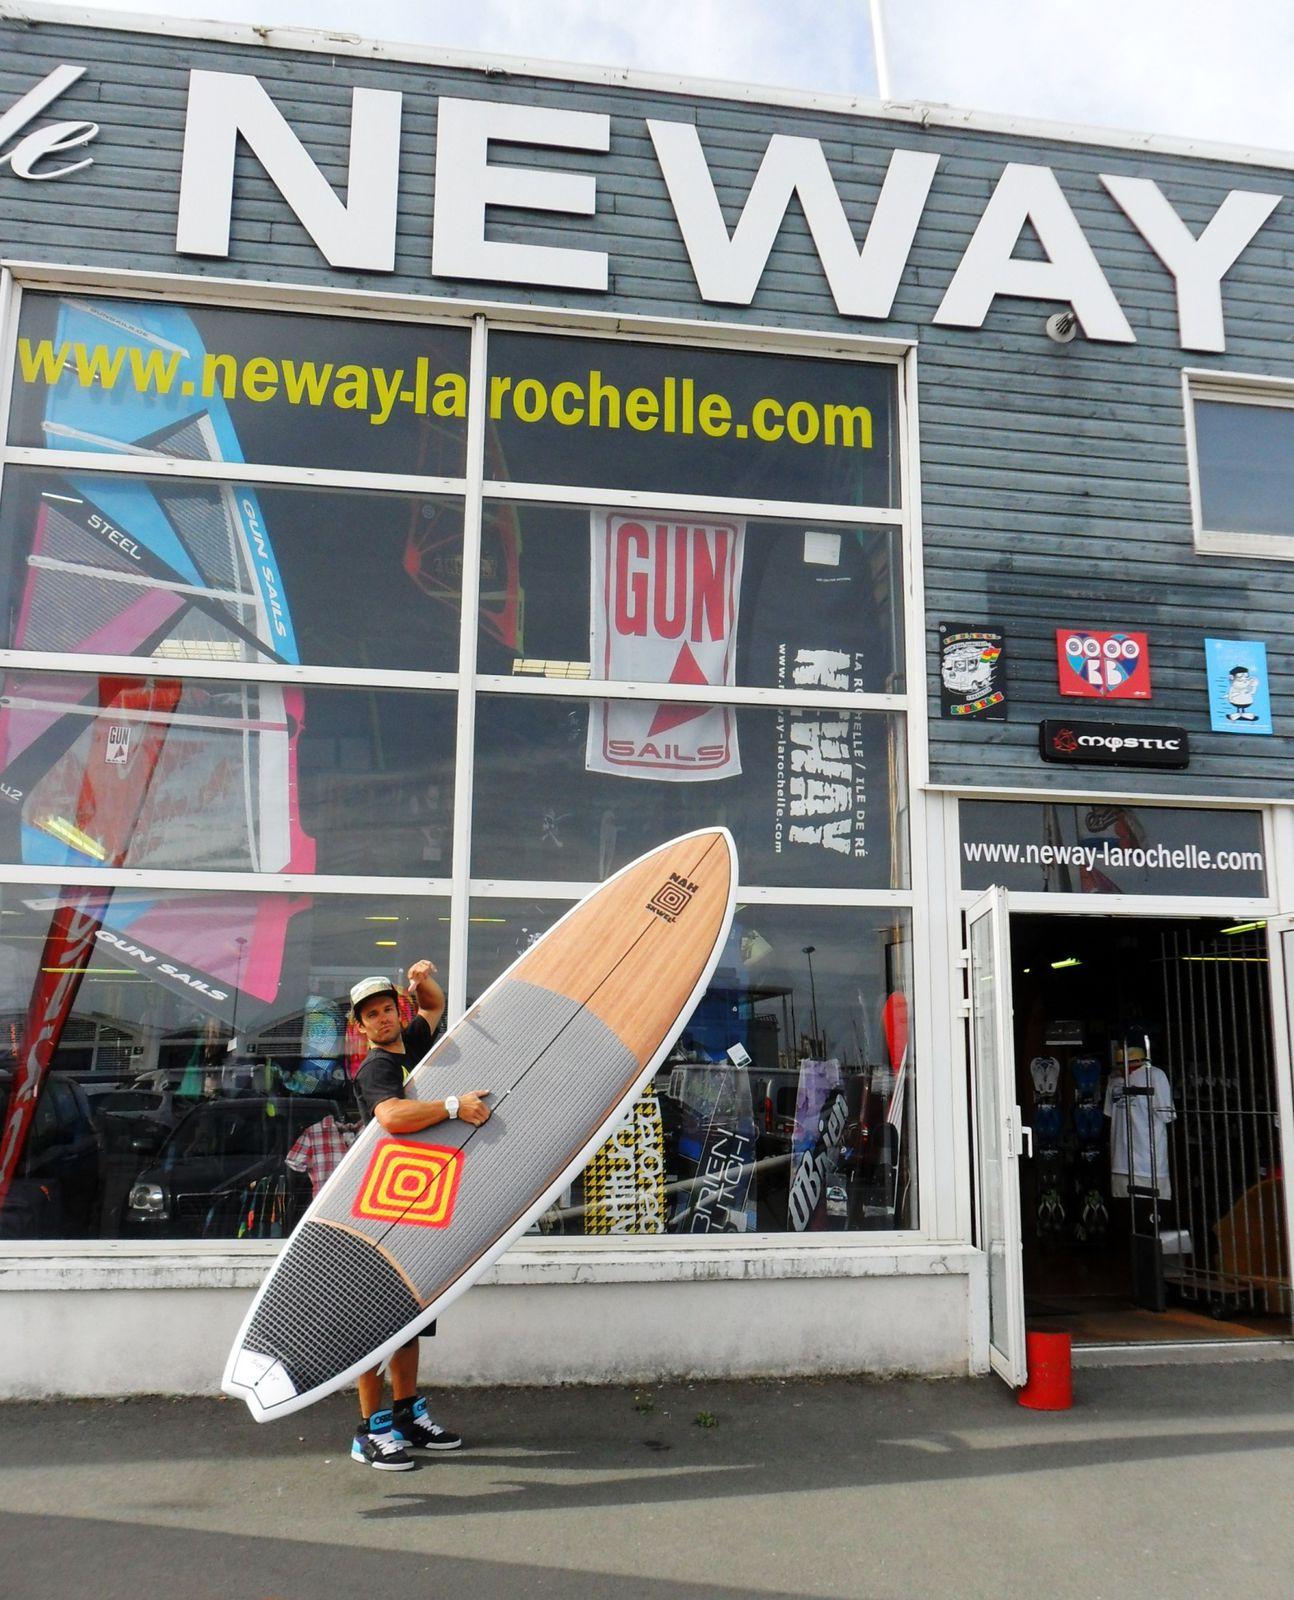 du sup nah skwell le blog de neway surf shop. Black Bedroom Furniture Sets. Home Design Ideas